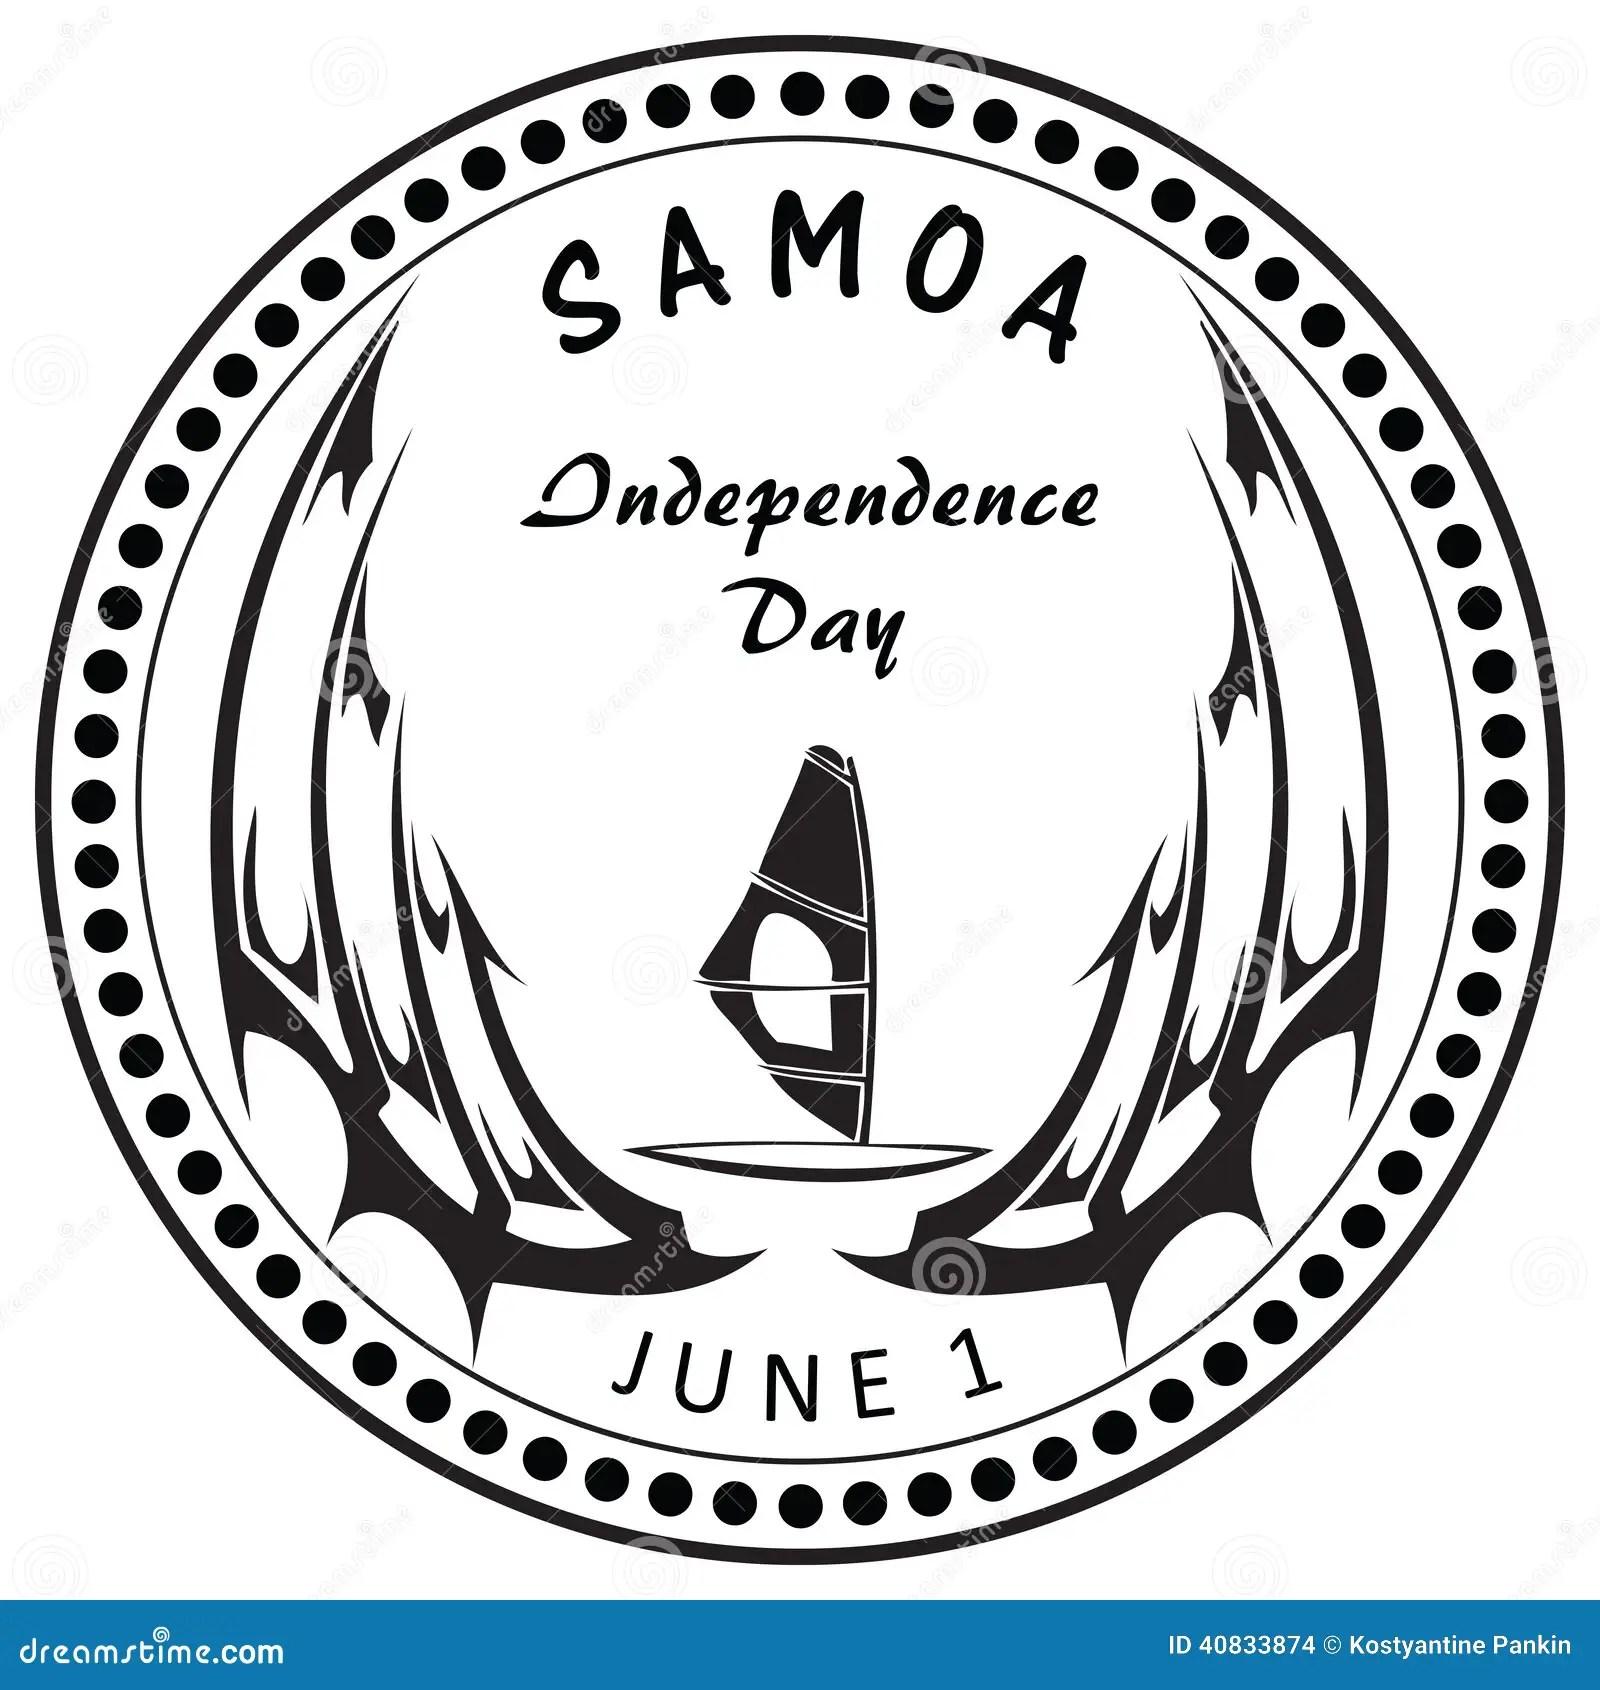 Independence Day Samoa Stock Illustration